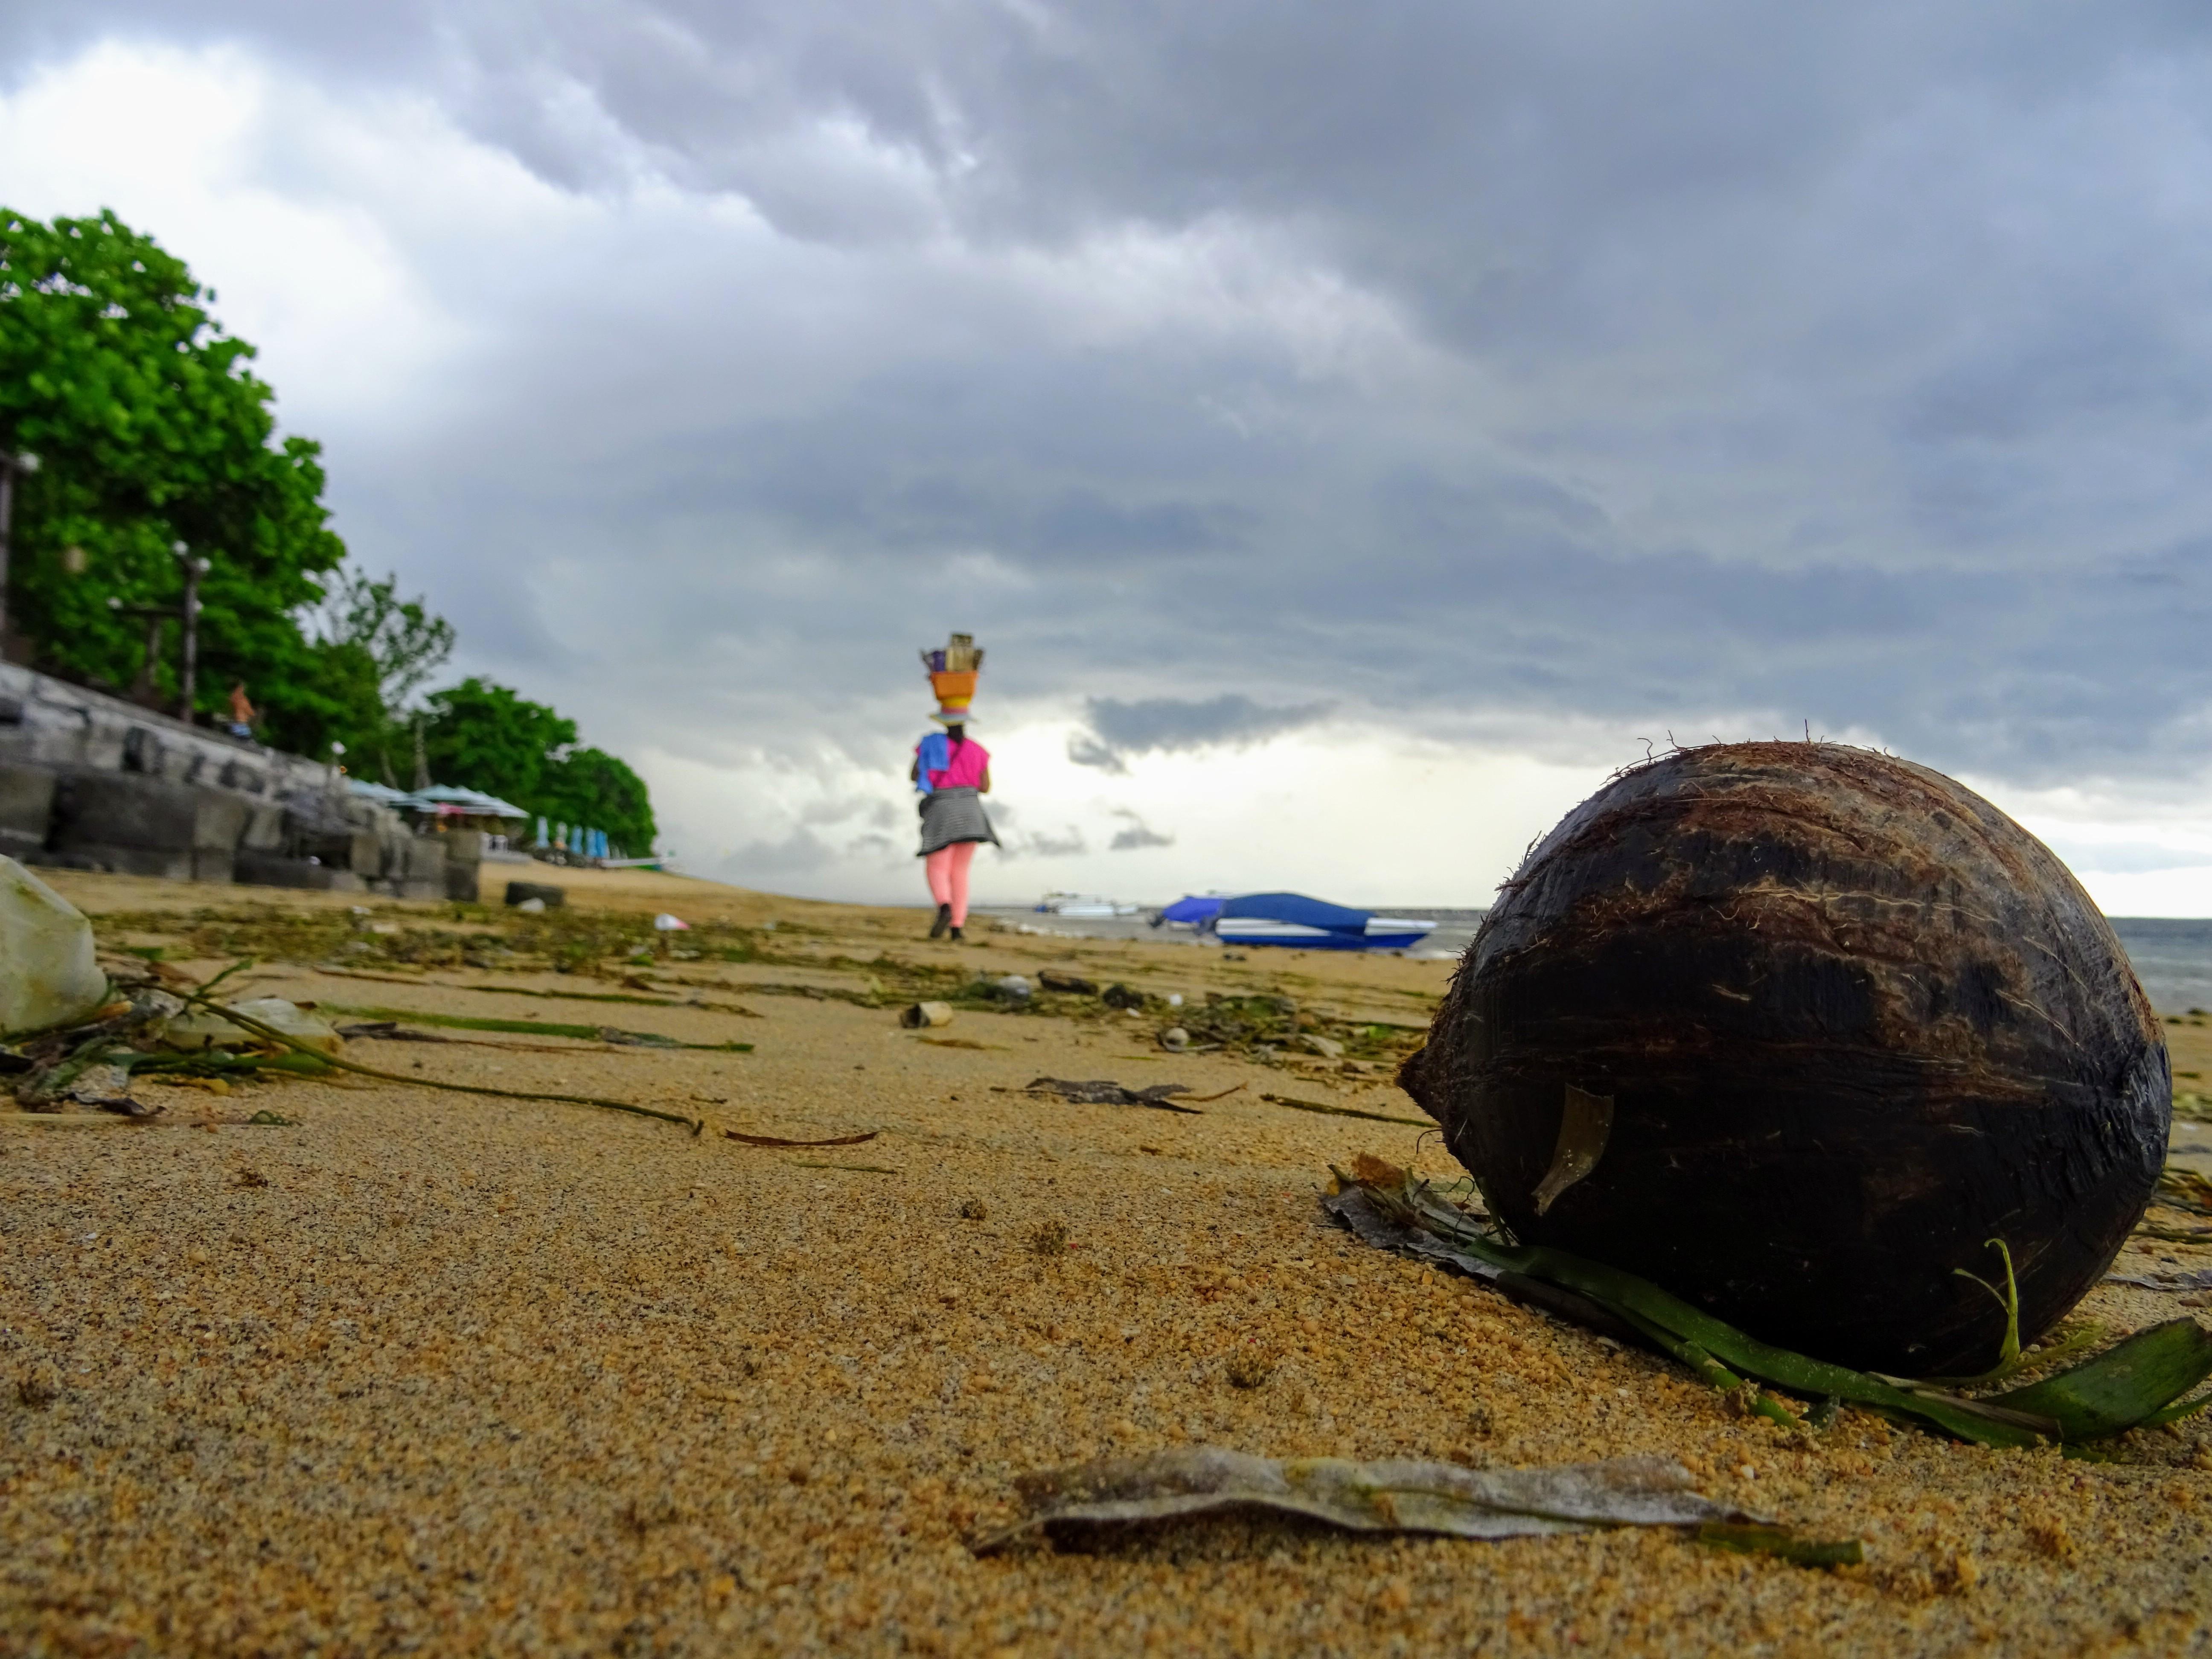 I když se každý den místní i turisté snaží pláže uklízet, vždycky na nich nějaké ty odpadky najdeme © Filip Altman